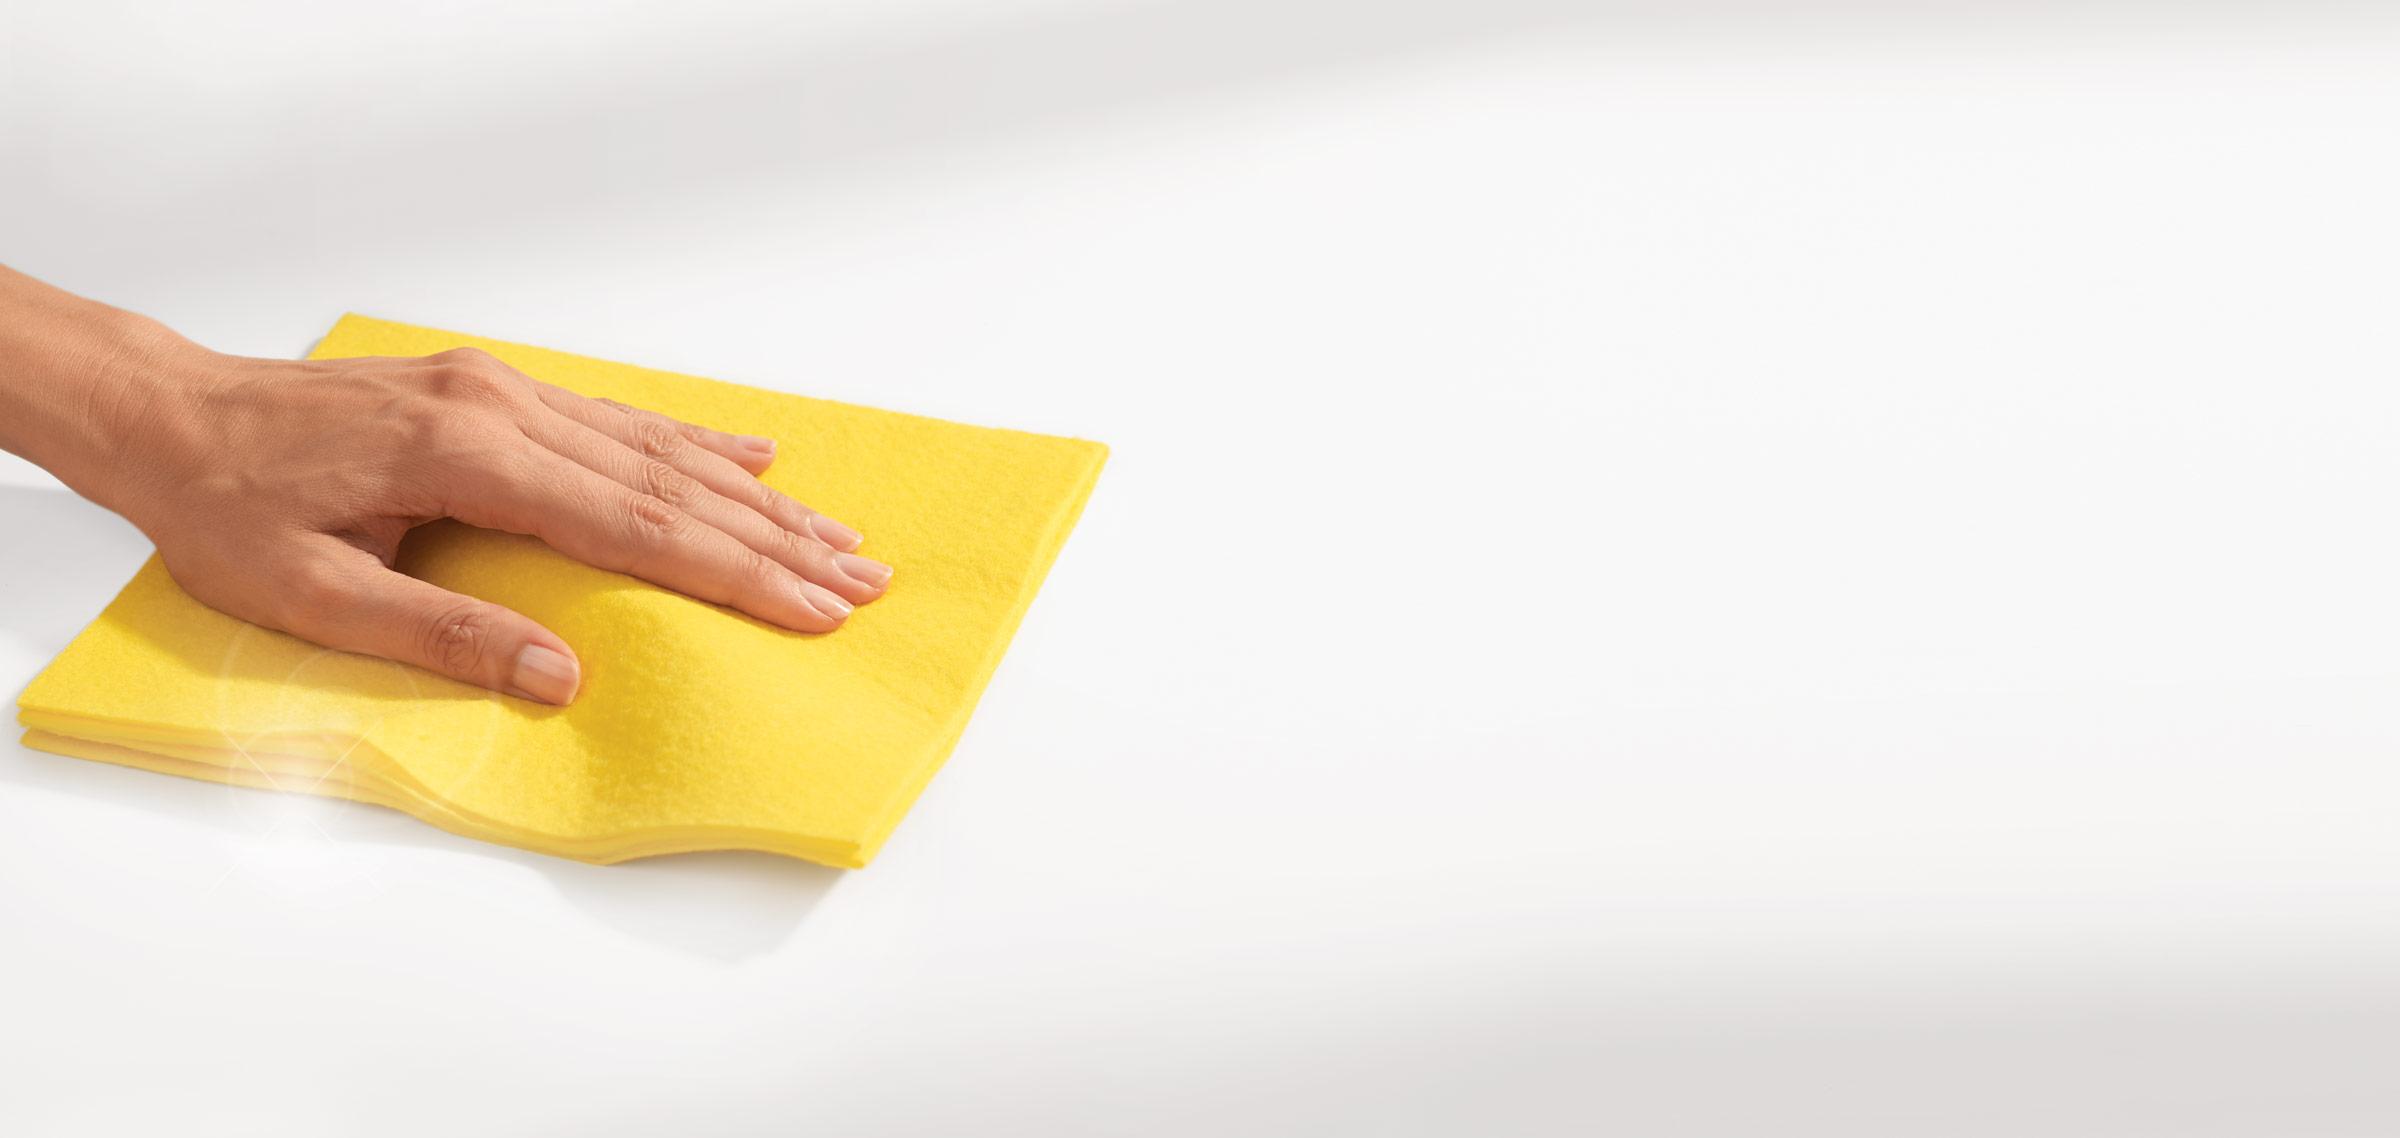 elimina-manchas-1 - Mery | Soluciones de limpieza | Bayeta elimina-manchas | Mery.es